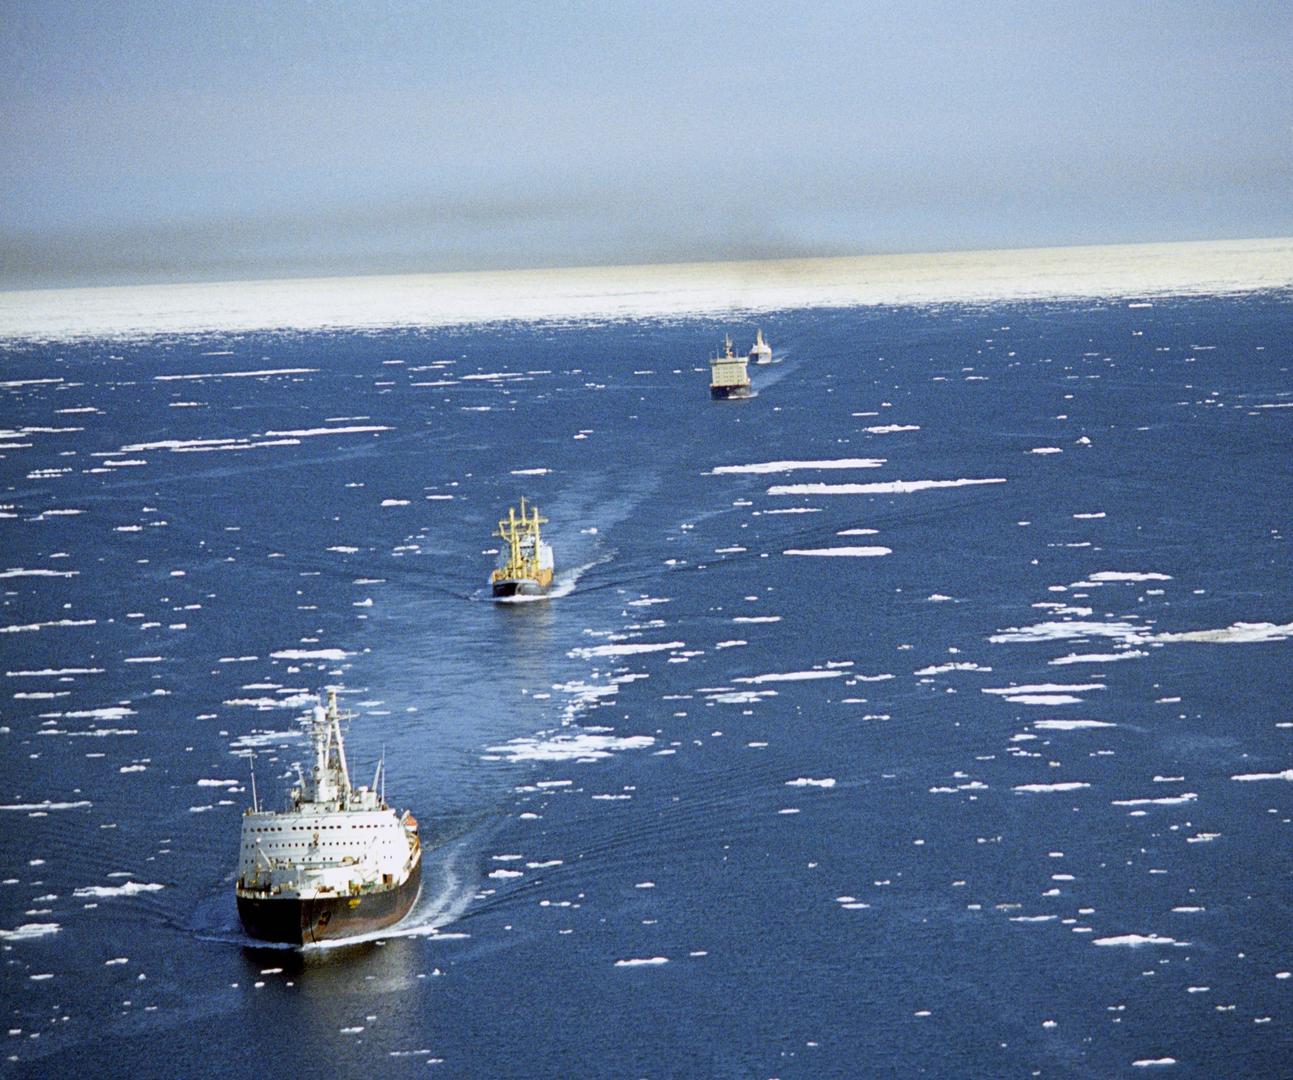 وزير: روسيا ستبدأ الإبحار على مدار العام على ممر الملاحة الشمالي في غضون 5 سنوات